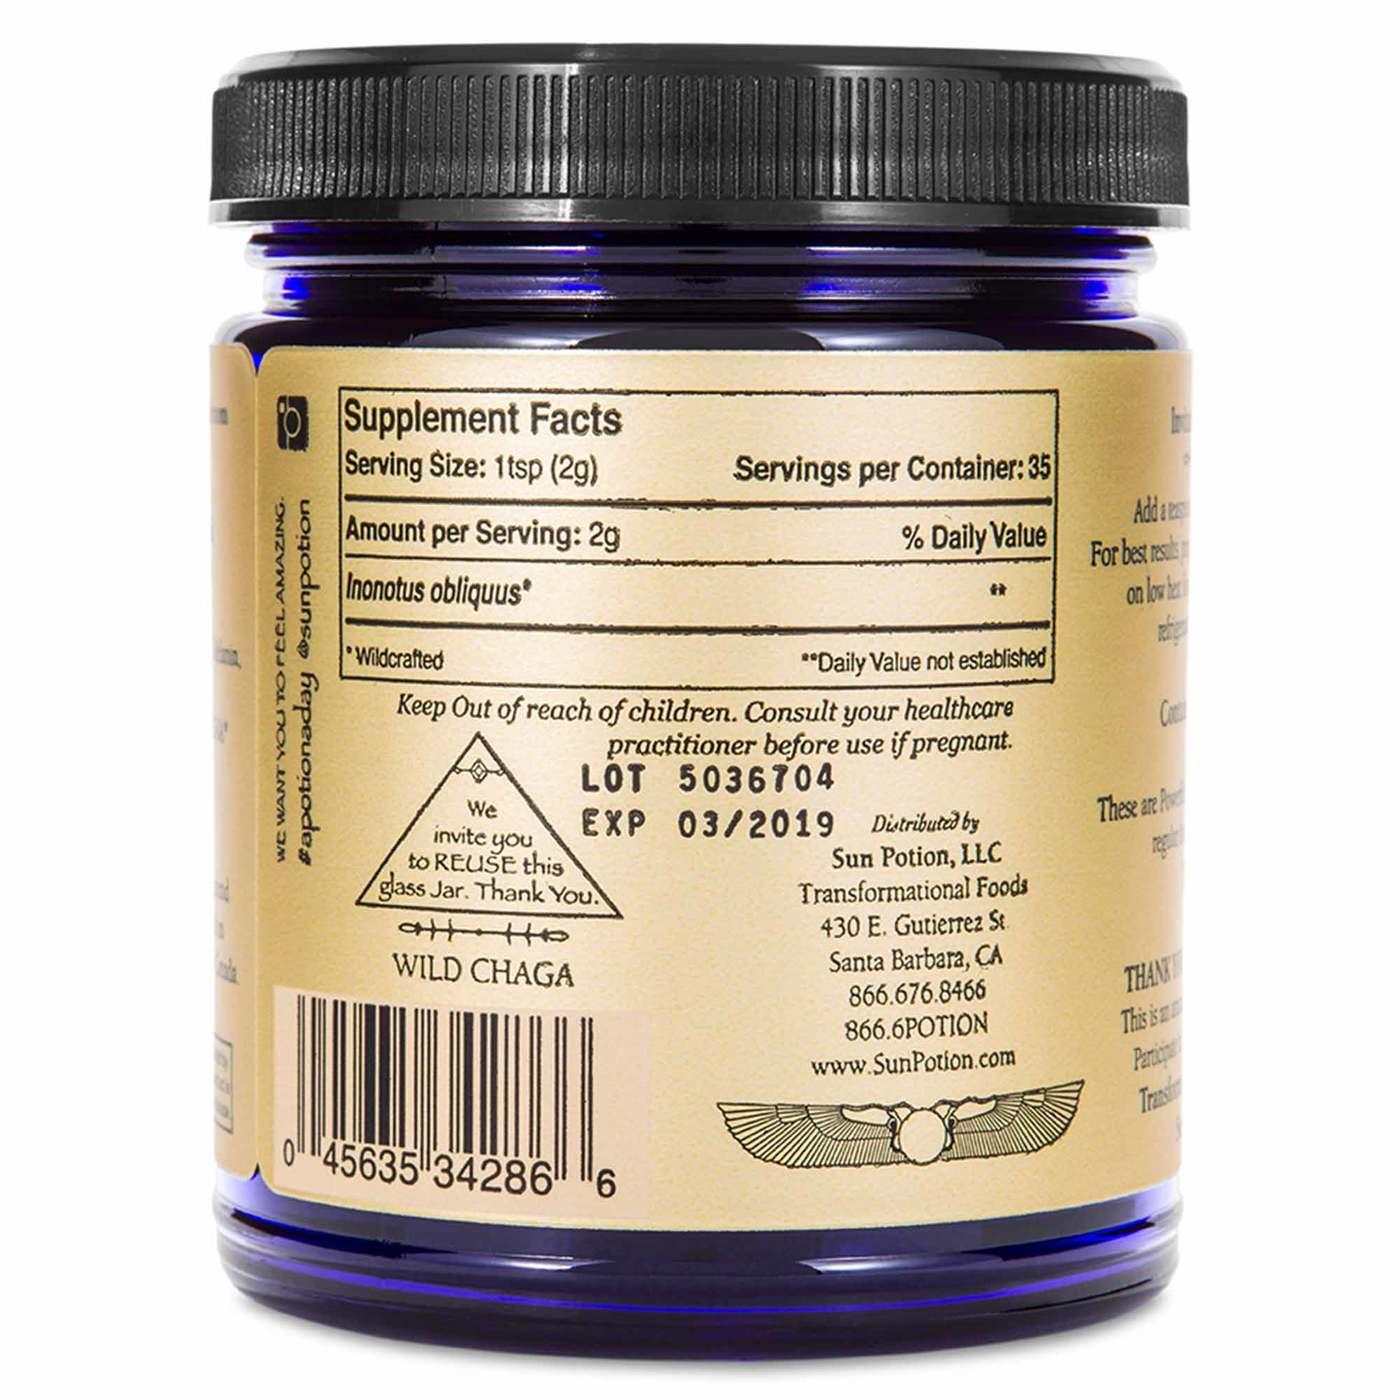 Sun Potion Chaga - 2.8 oz (80 g